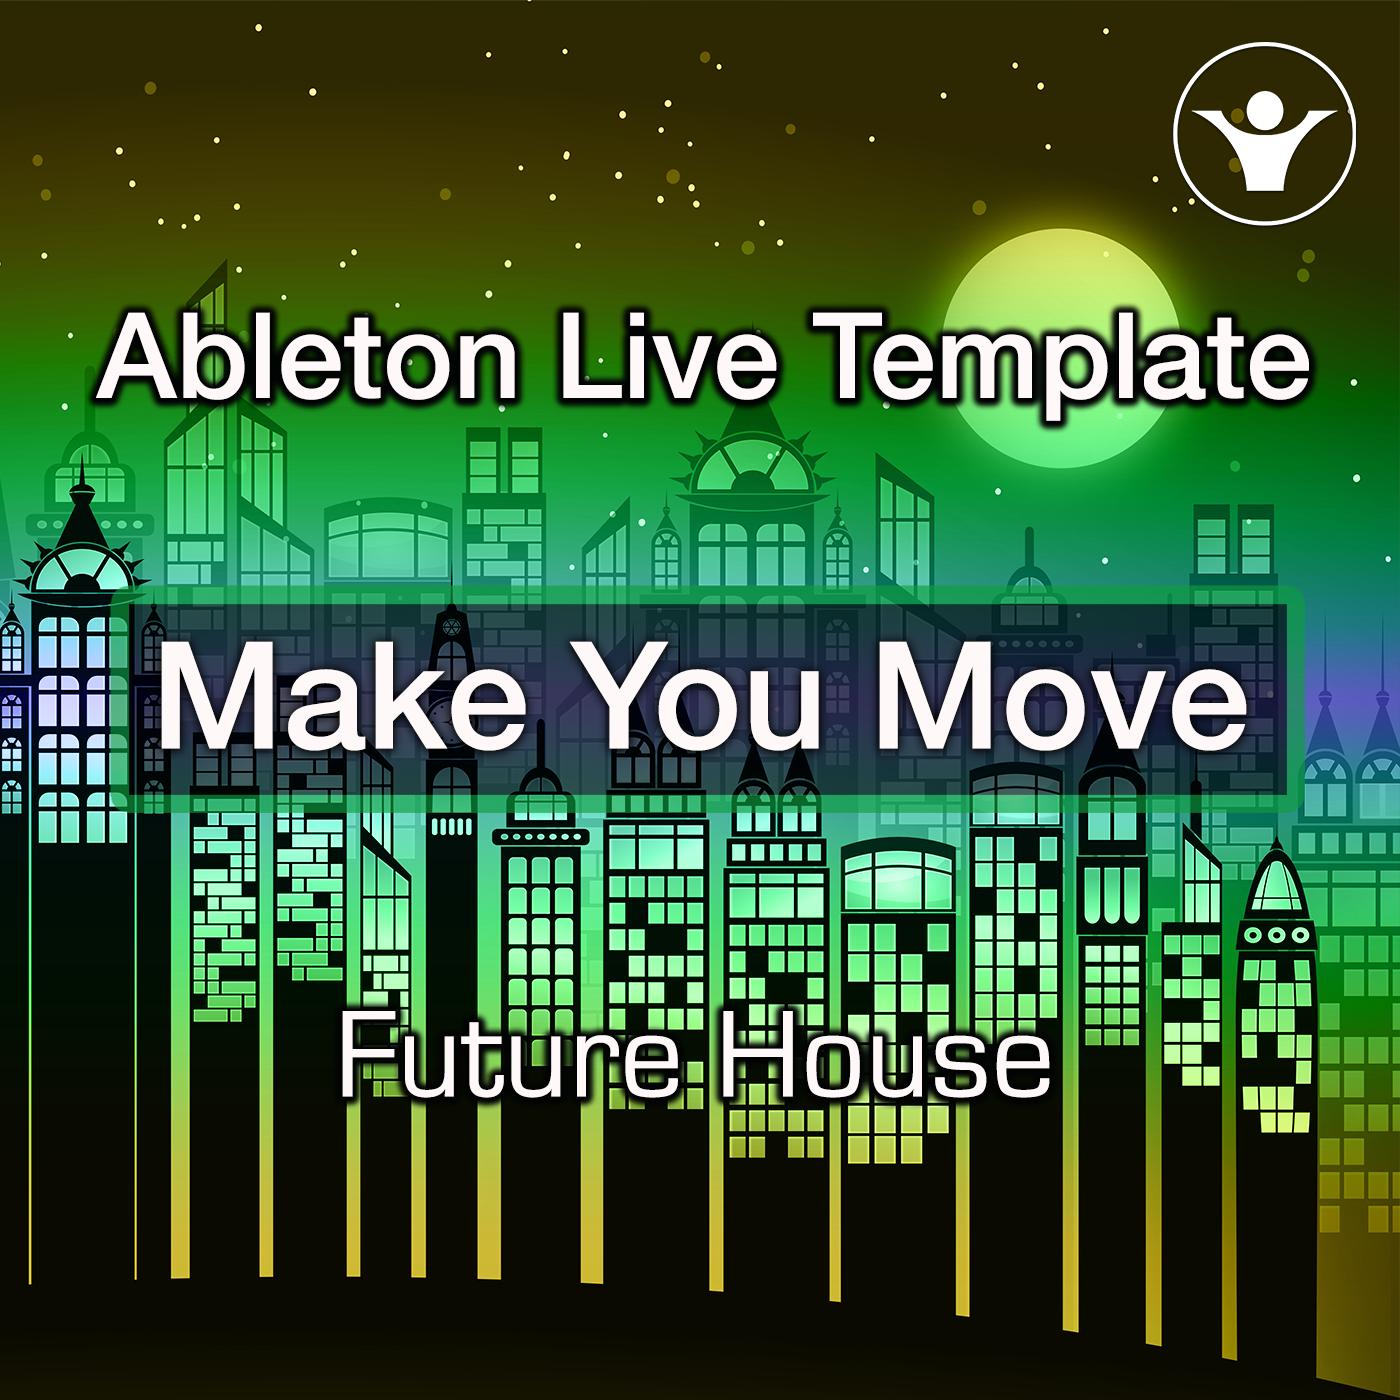 Make You Move Ableton Template